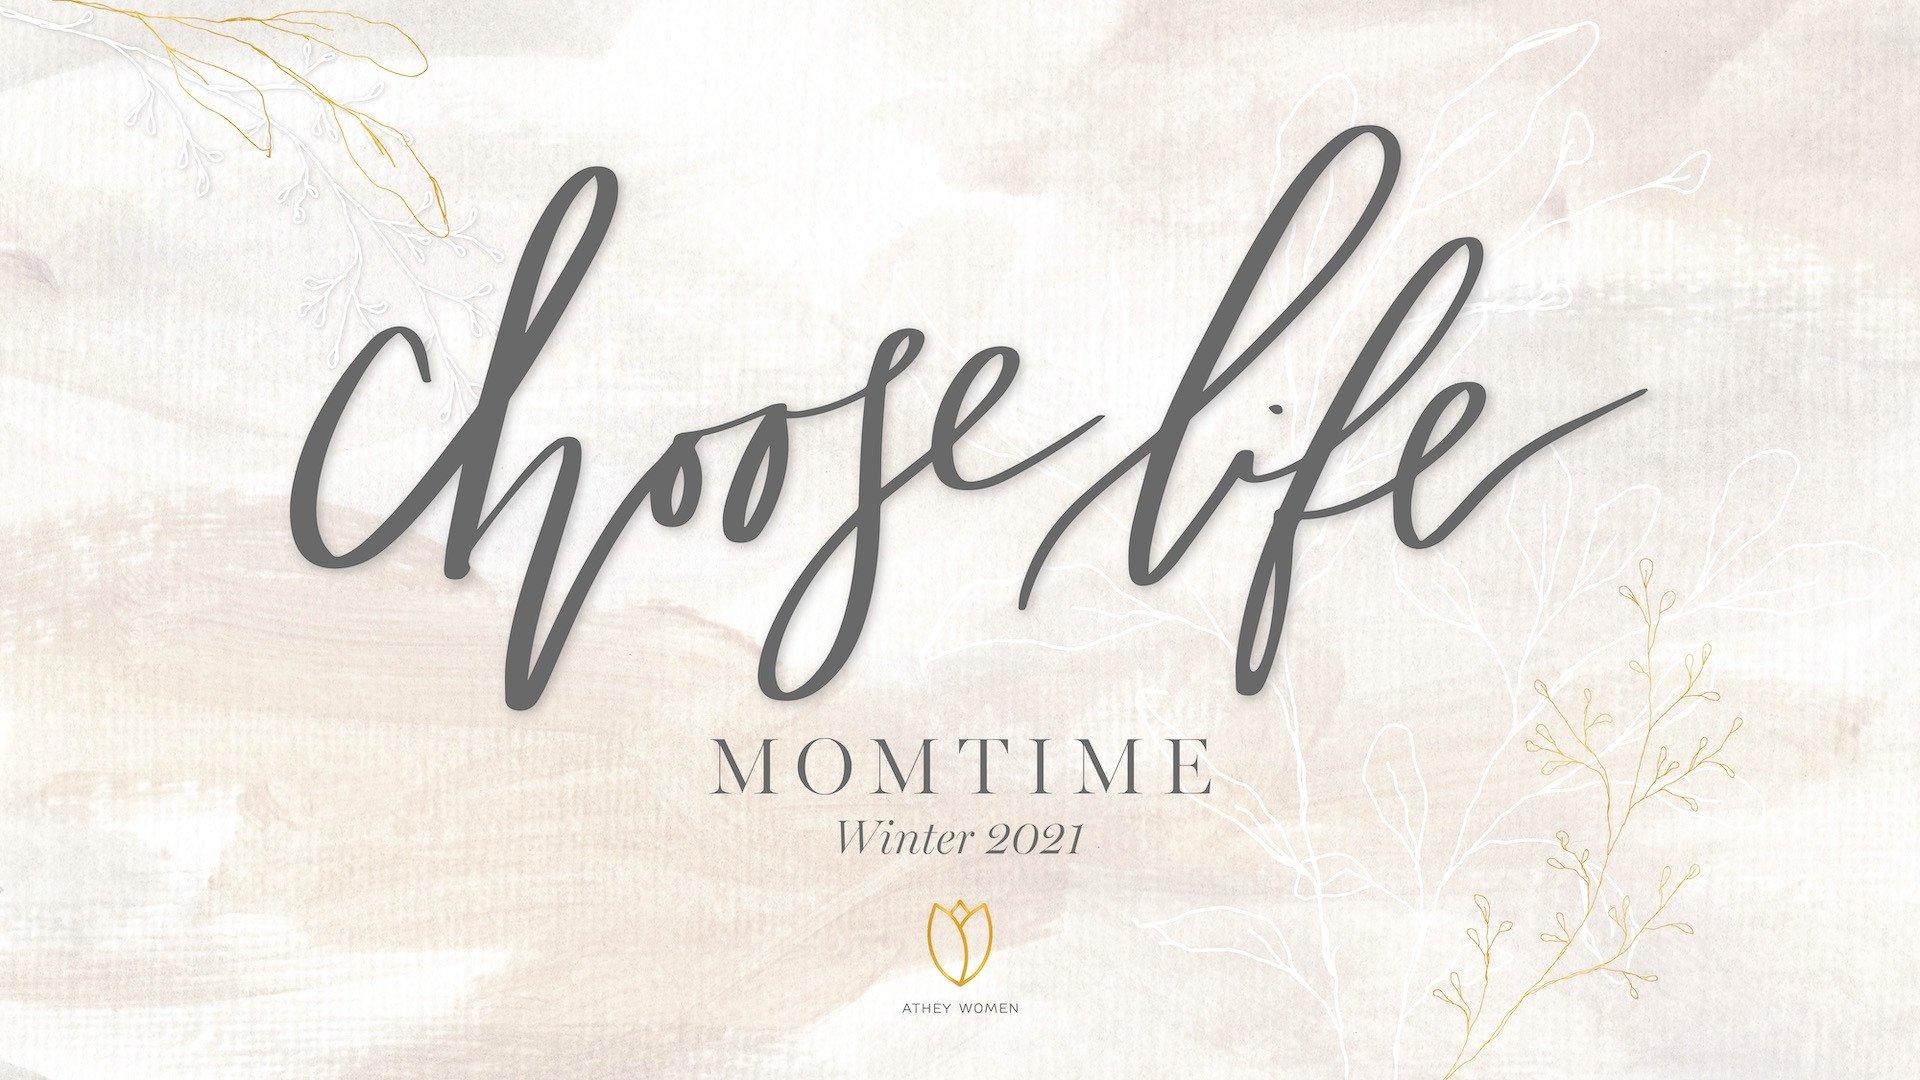 Teaching artwork for Choose Life: Momtime